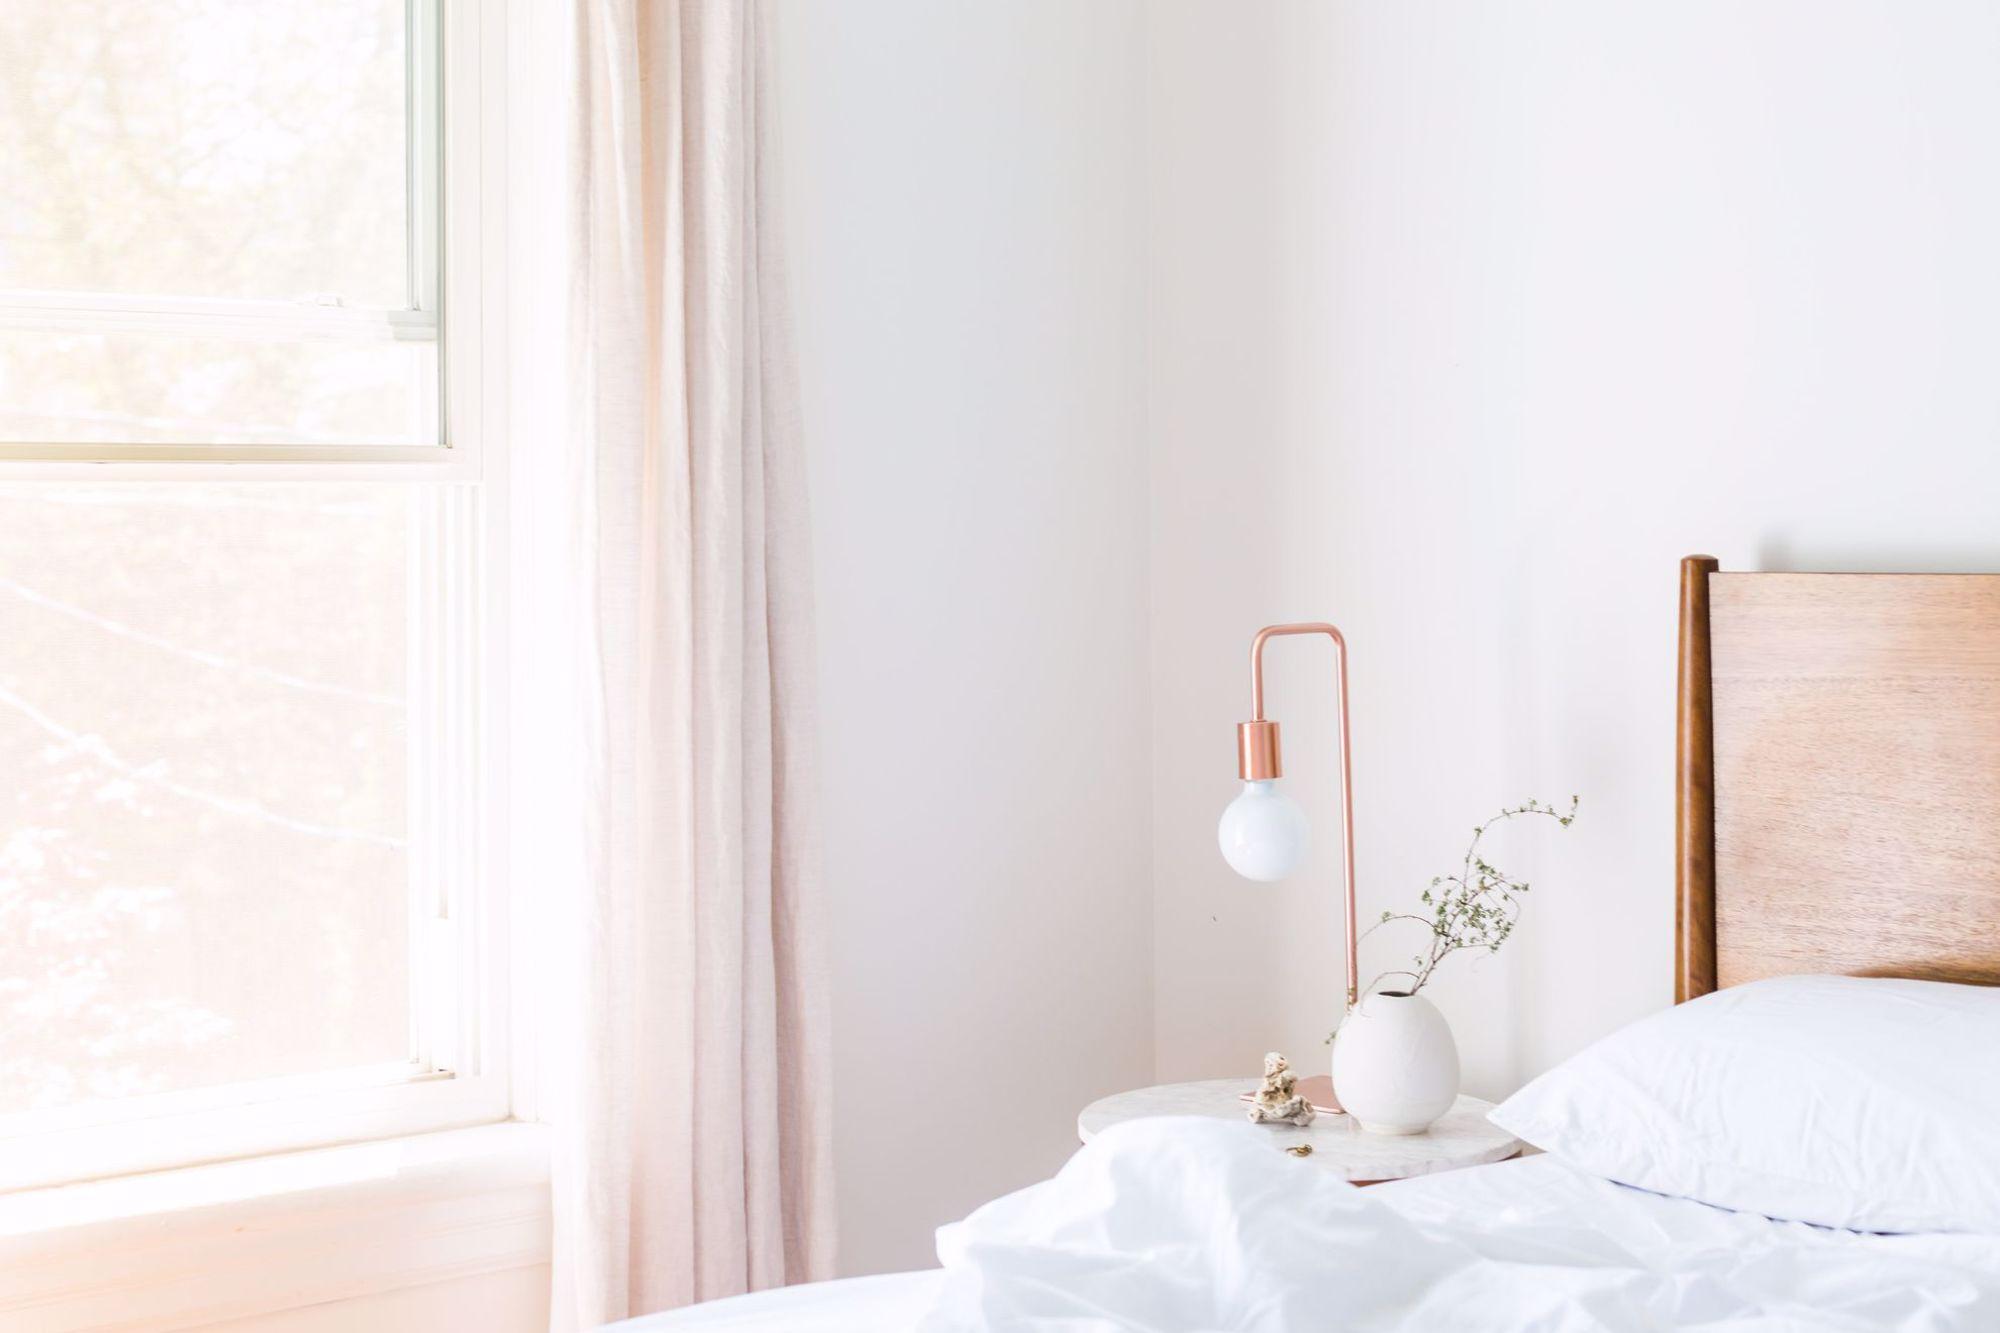 Wat Voor Gordijnen.Blog Alles Wat Je Wilt Weten Over Gordijnen En Raamdecoratie